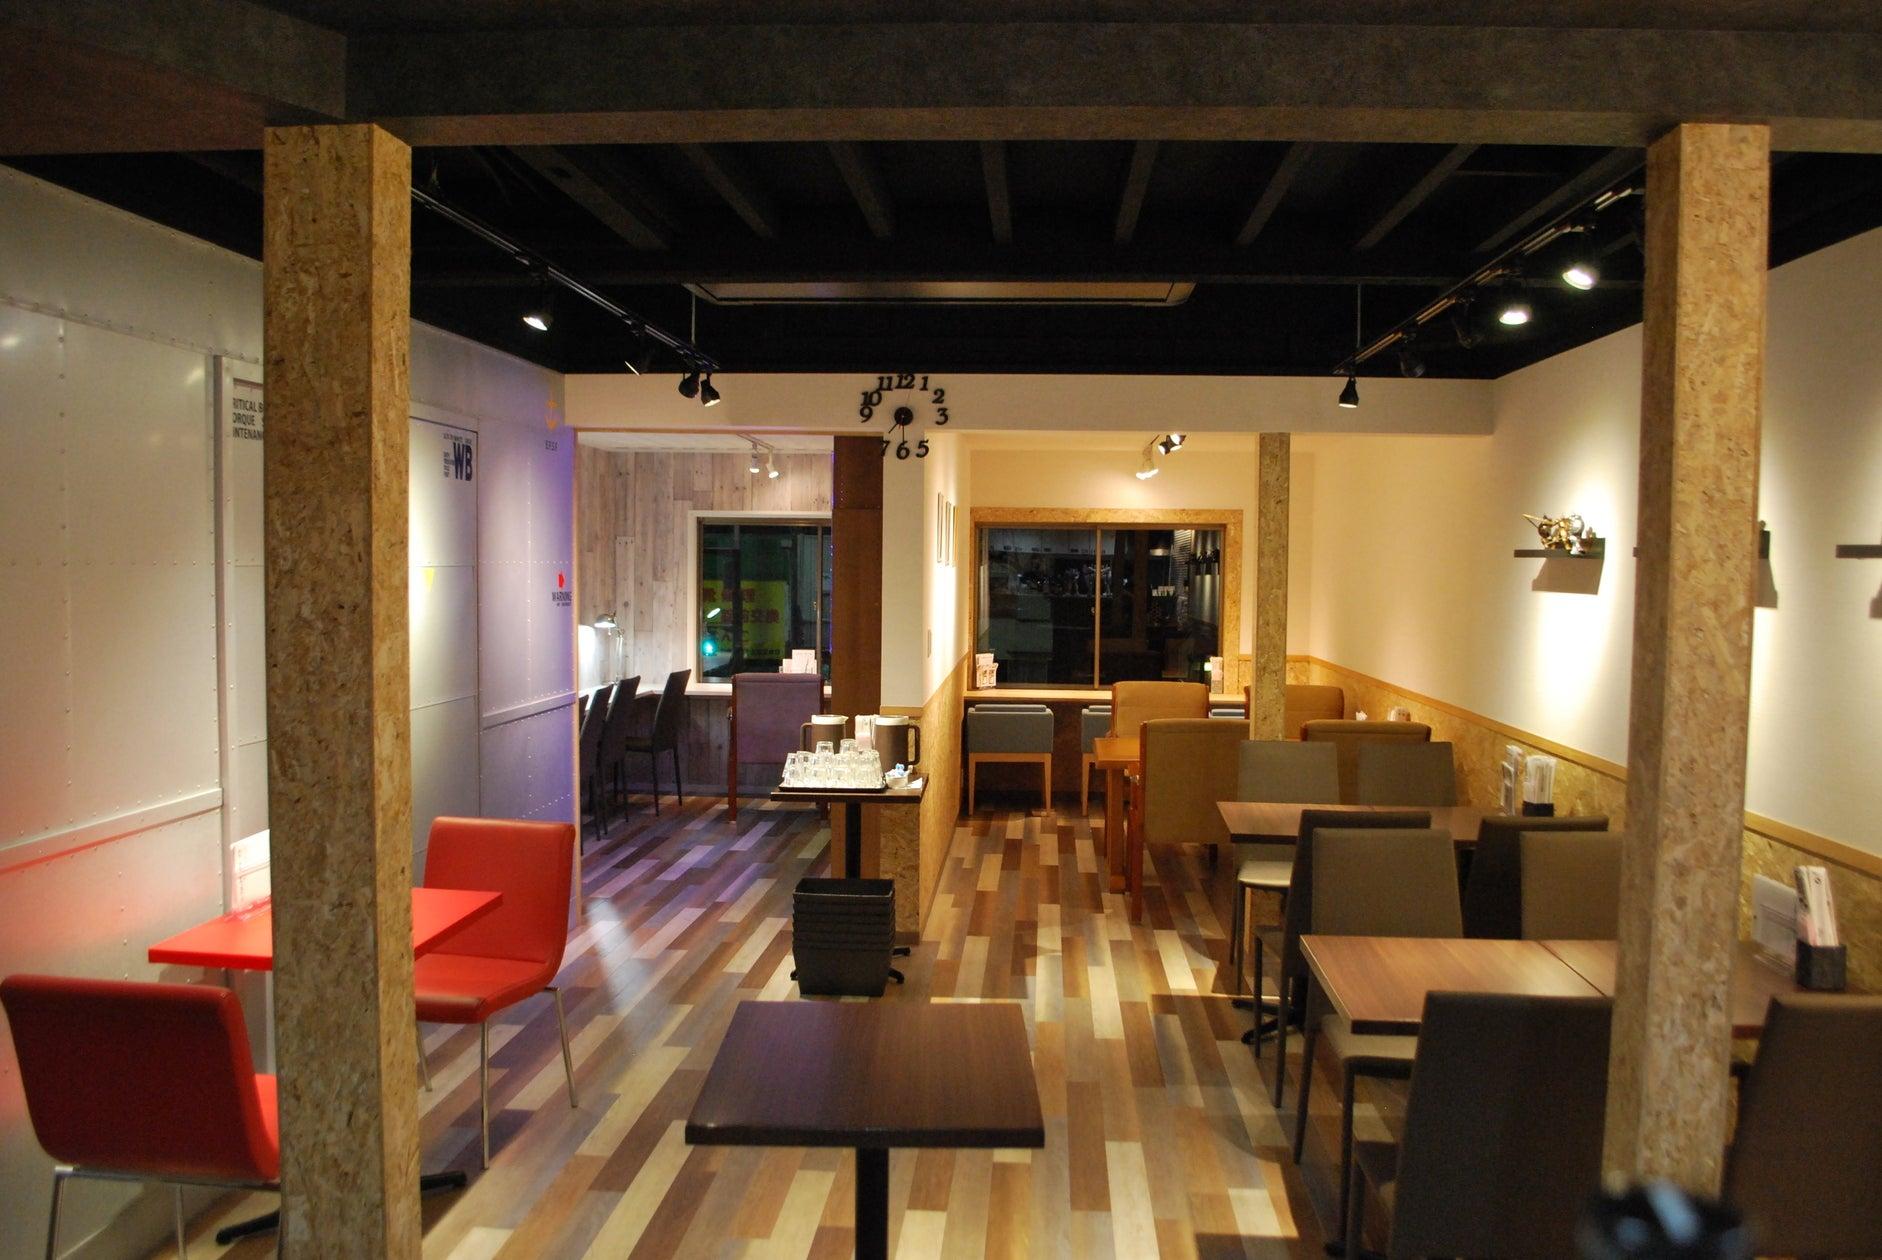 県庁近くのリノベーションカフェ(サイ賀屋マチカフェ29WITHフォレスト・ガン・プラ) の写真0